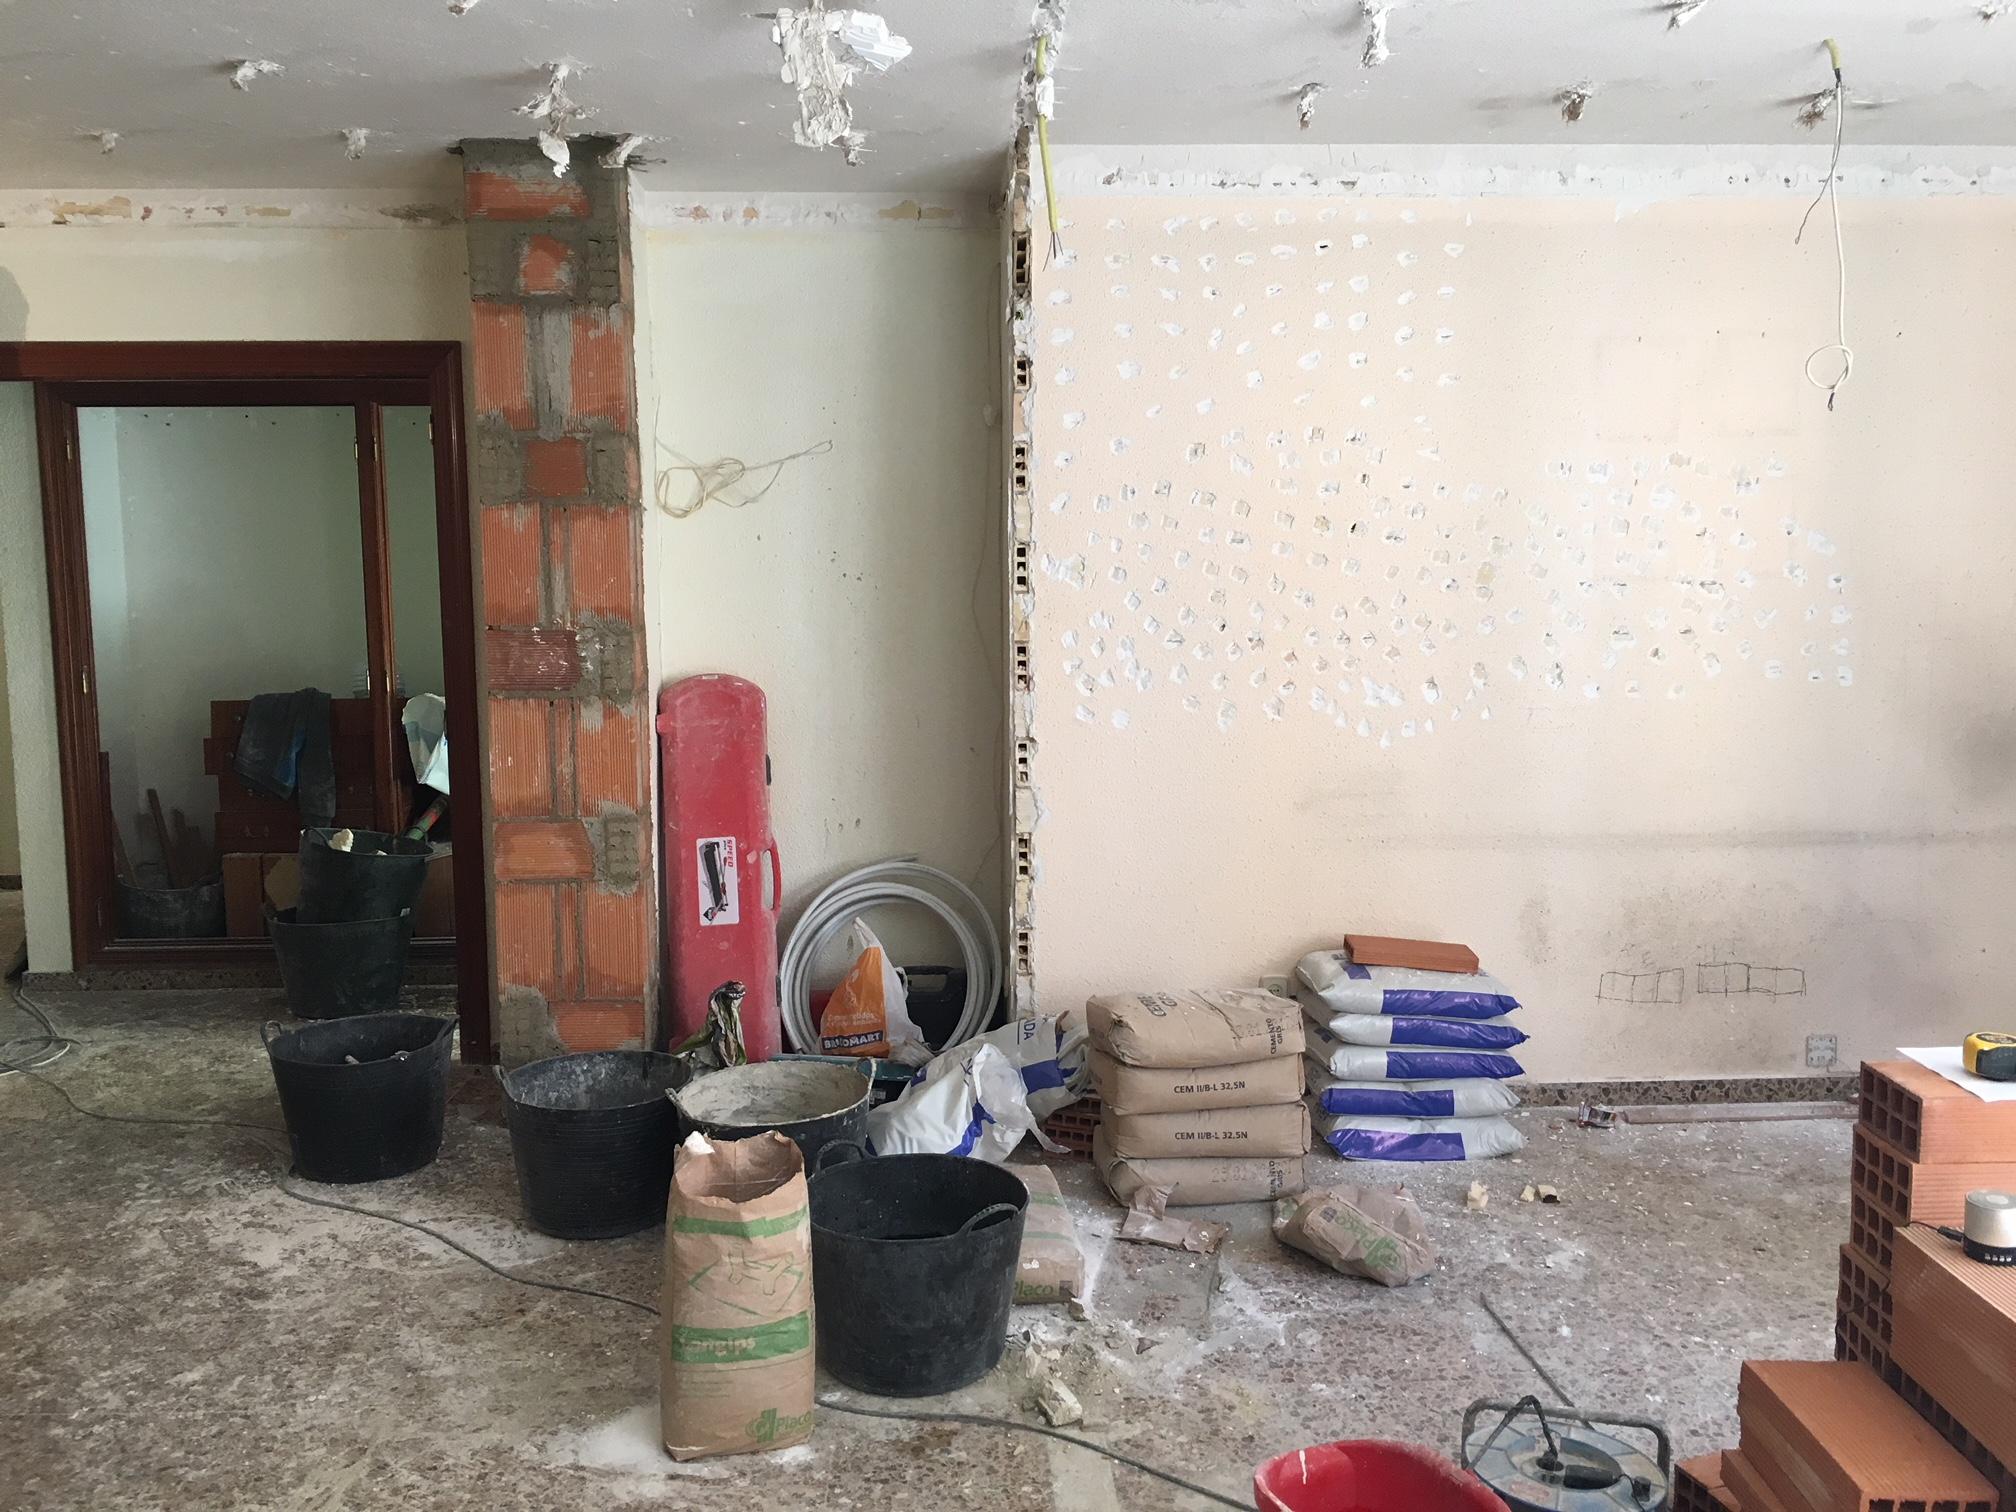 proyectos-interiorismo-interioristas-reformas-viviendas-particulares-20